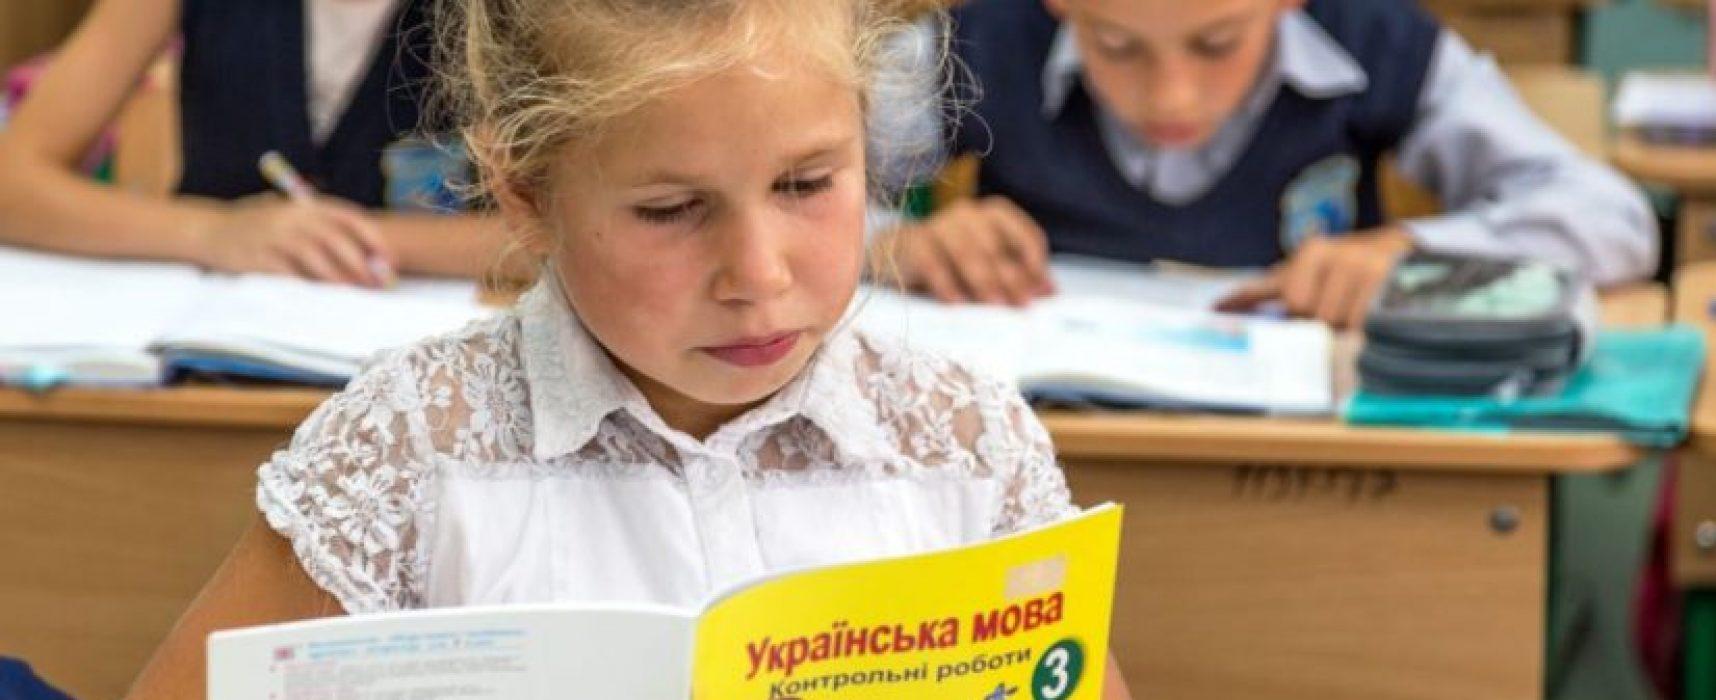 Neues Bildungsgesetz: Warum sich die Ukraine an den Europarat wenden wird